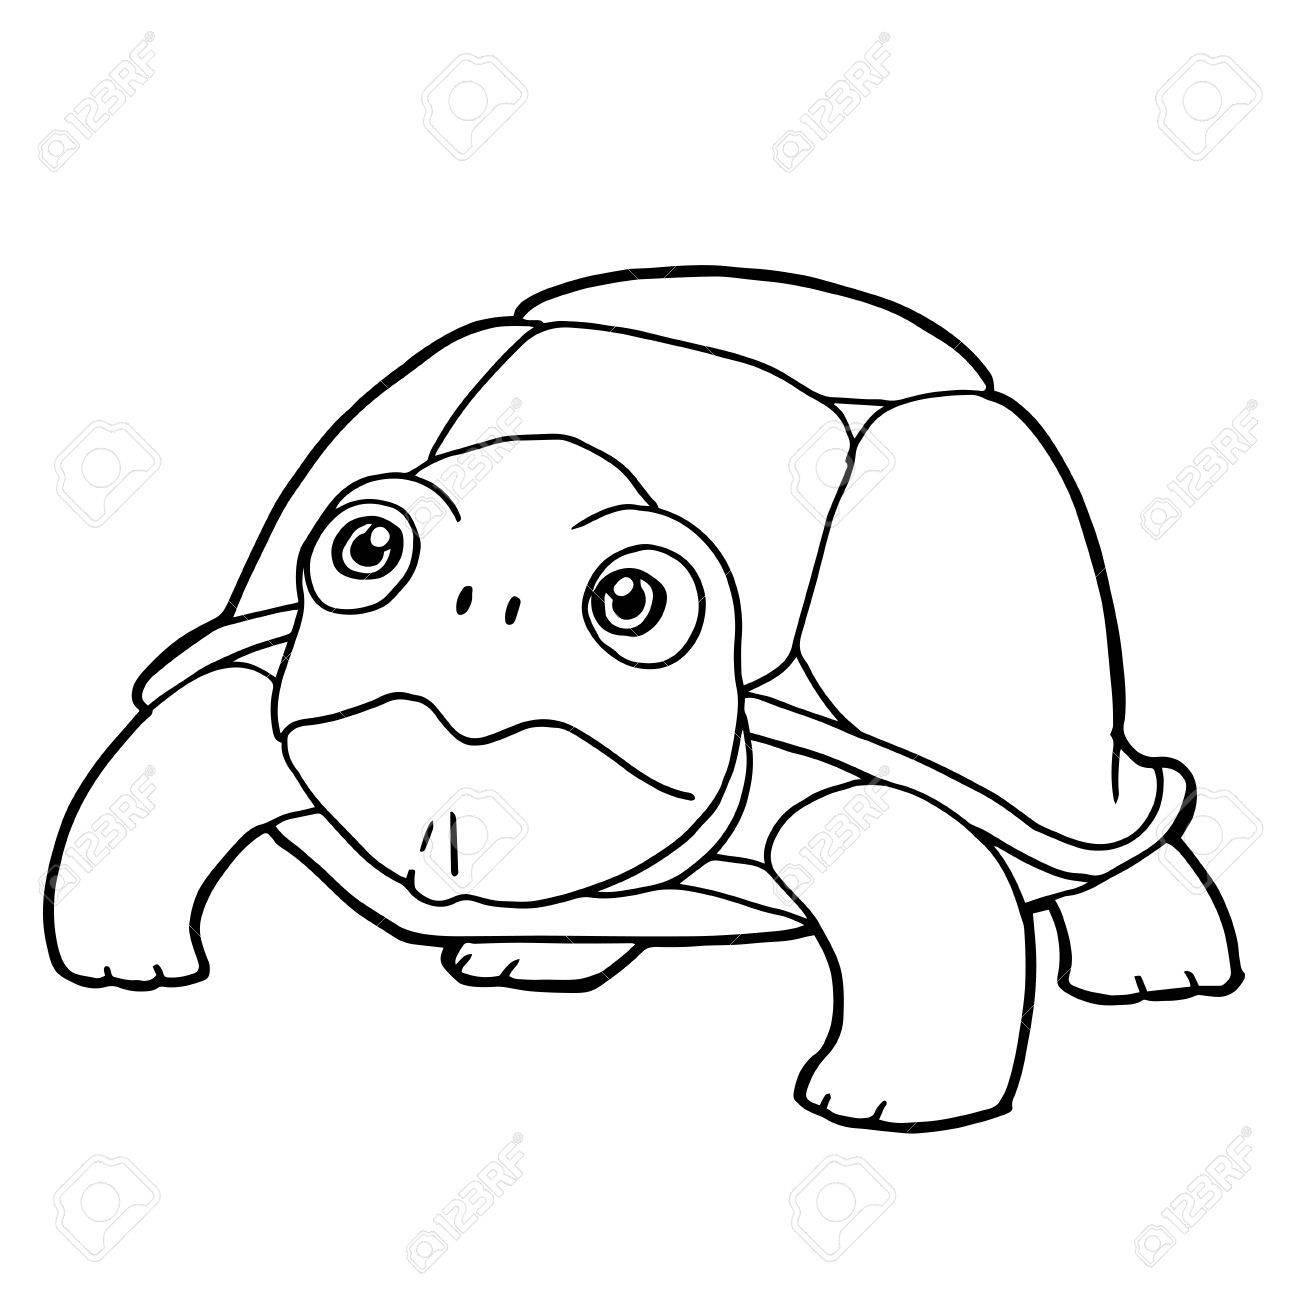 Dibujos Animados Linda Tortuga Para Colorear Página Ilustración ...